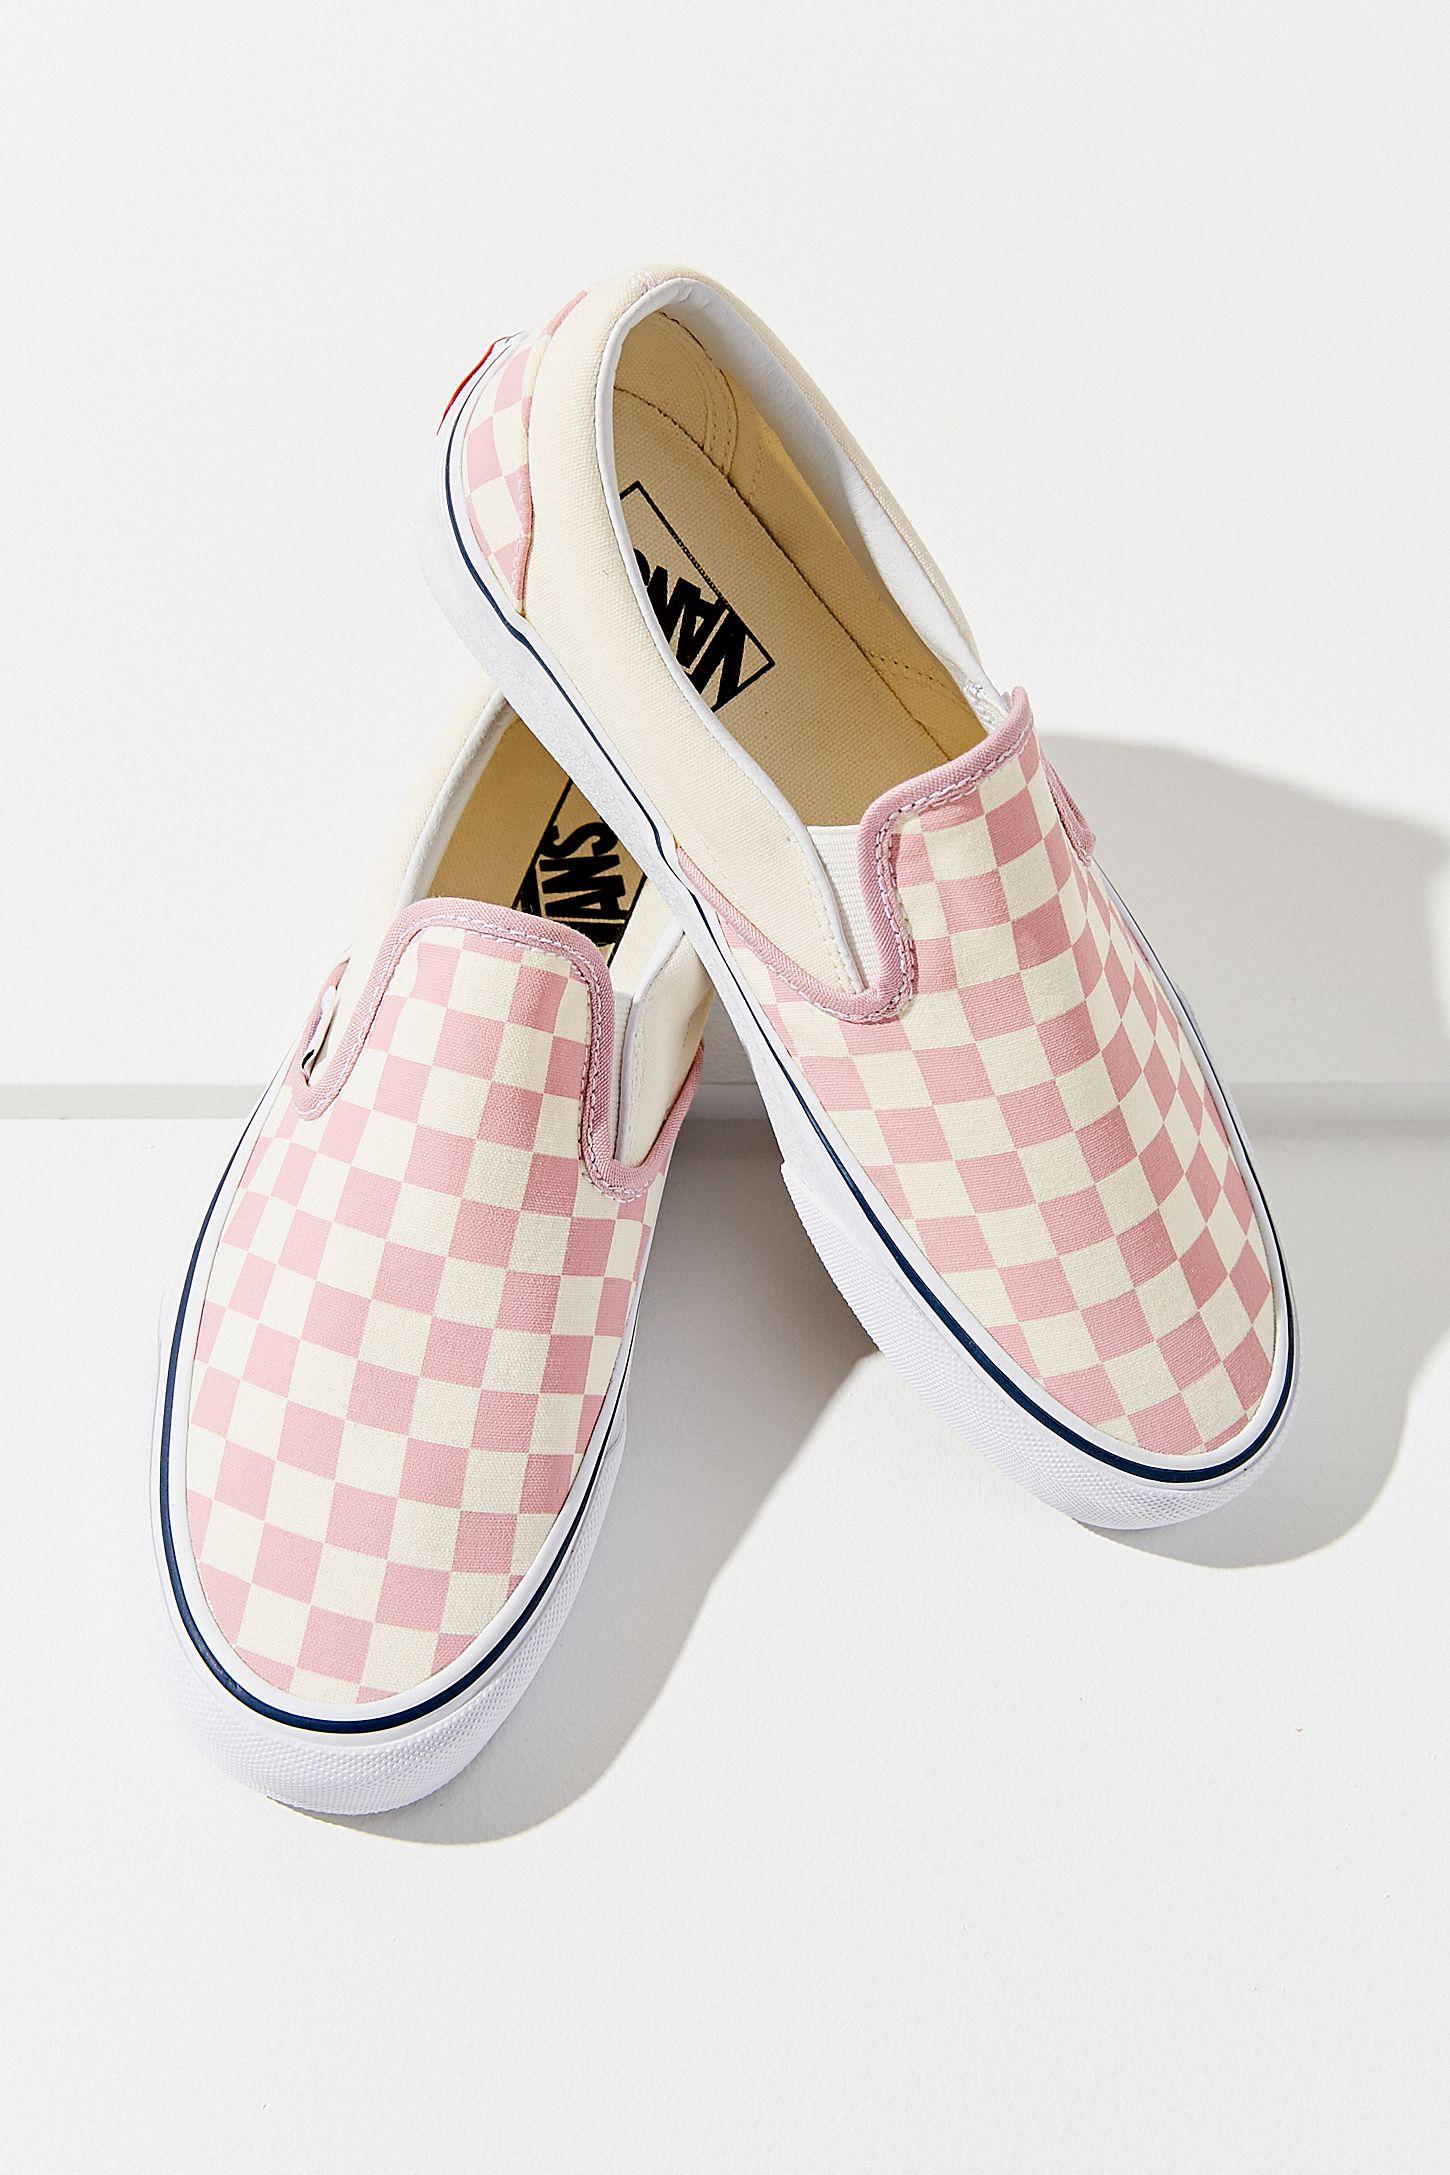 ab3b090dea Vans Pink Checkerboard Slip-On Sneaker